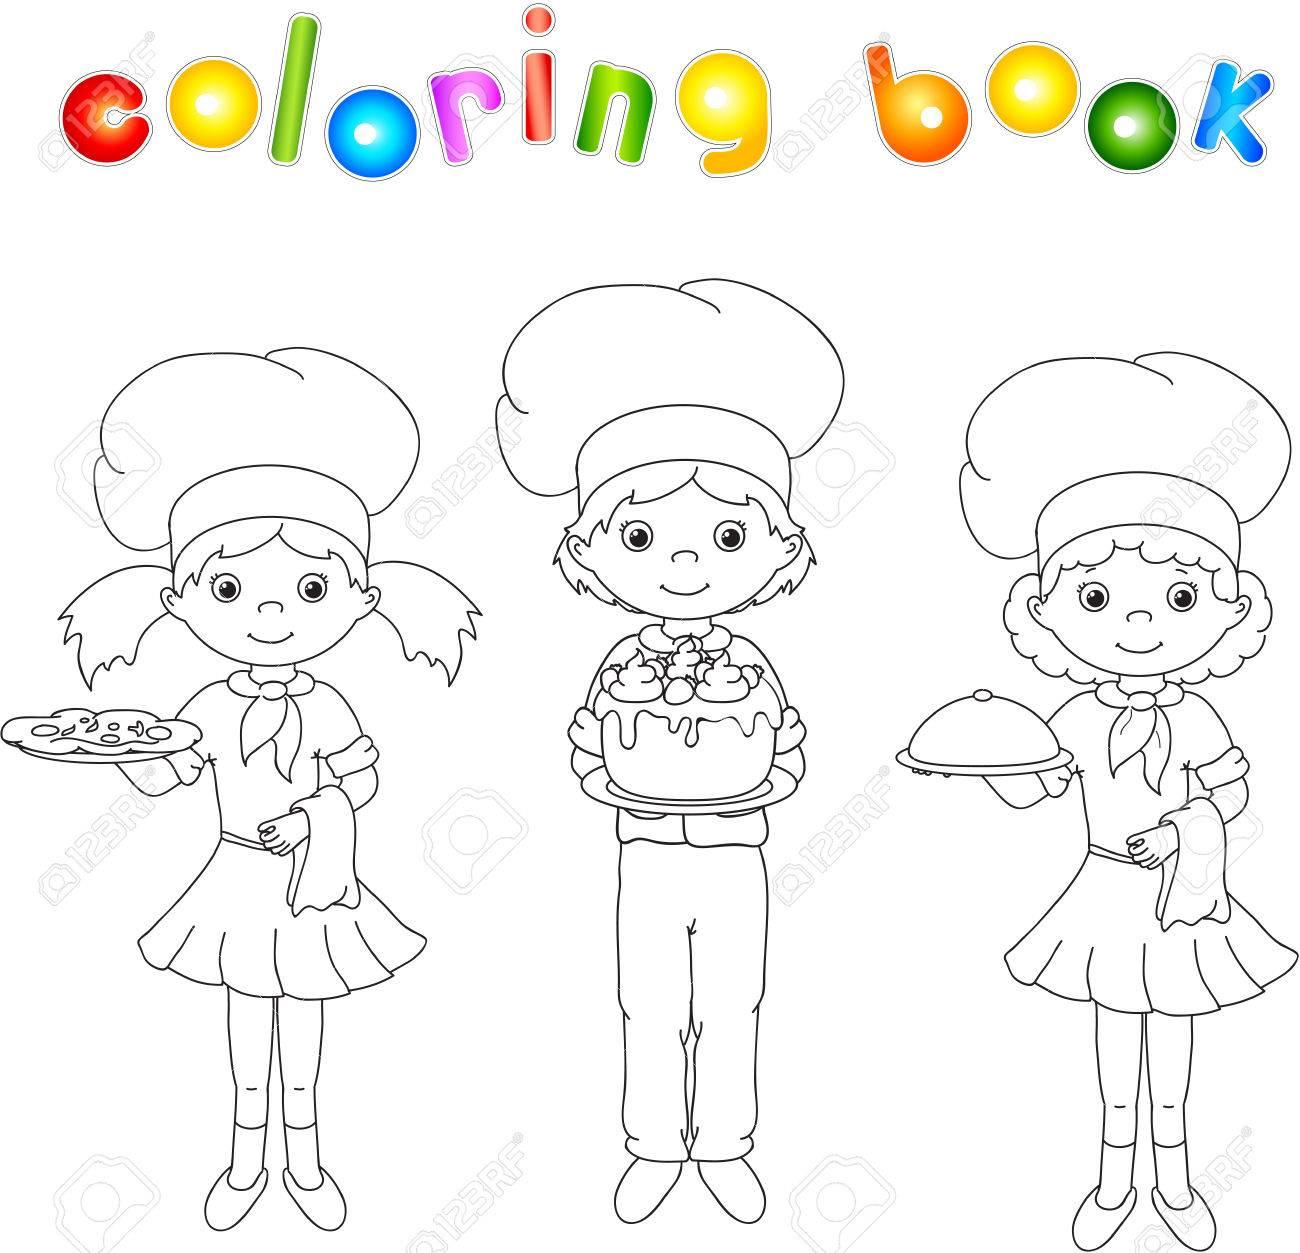 Lujo Libro De Colorear Glassjaw Ornamento - Enmarcado Para Colorear ...